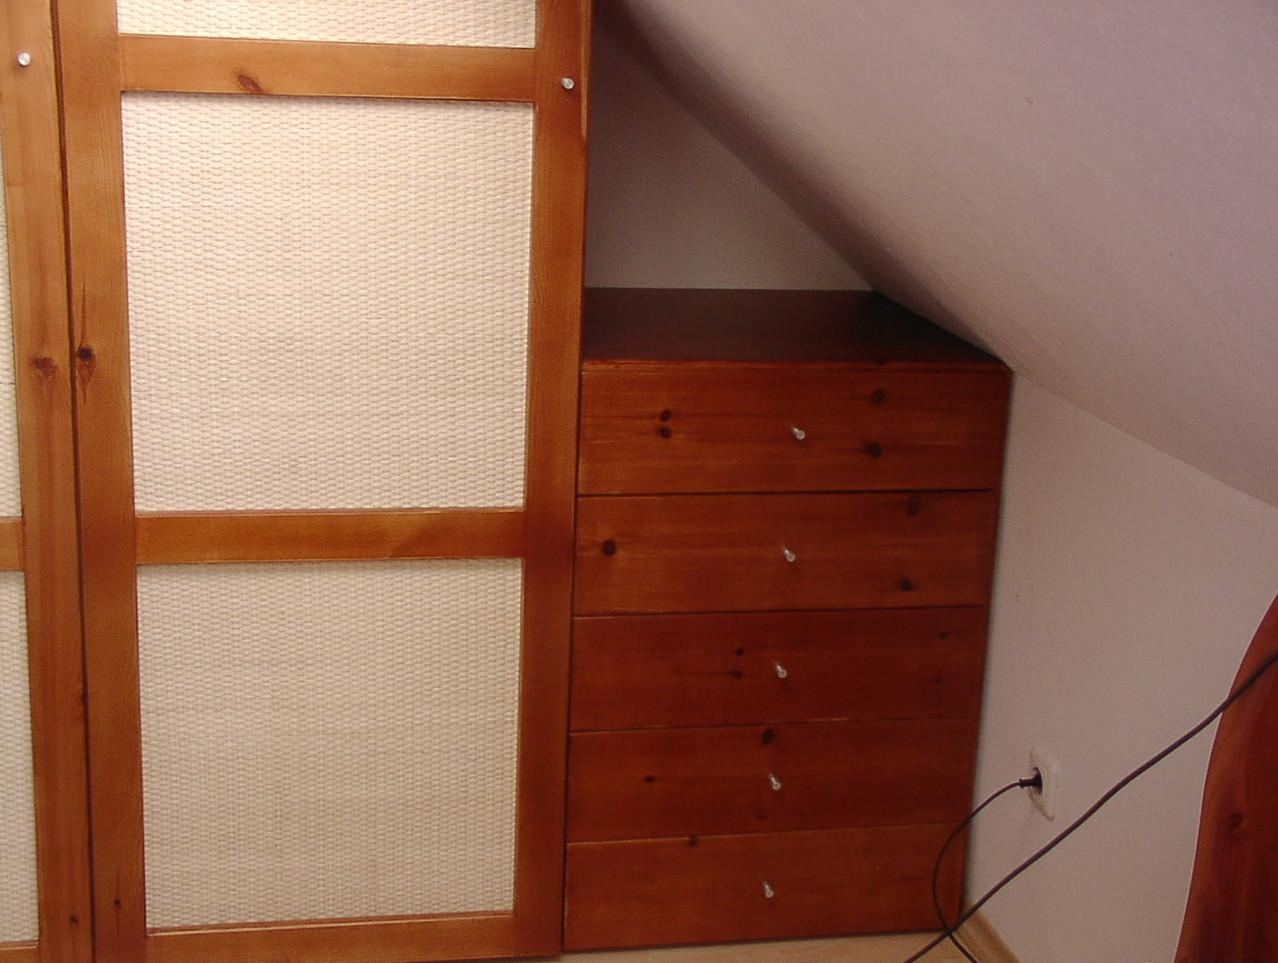 Einbauschrank - Buchenholz gebeizt